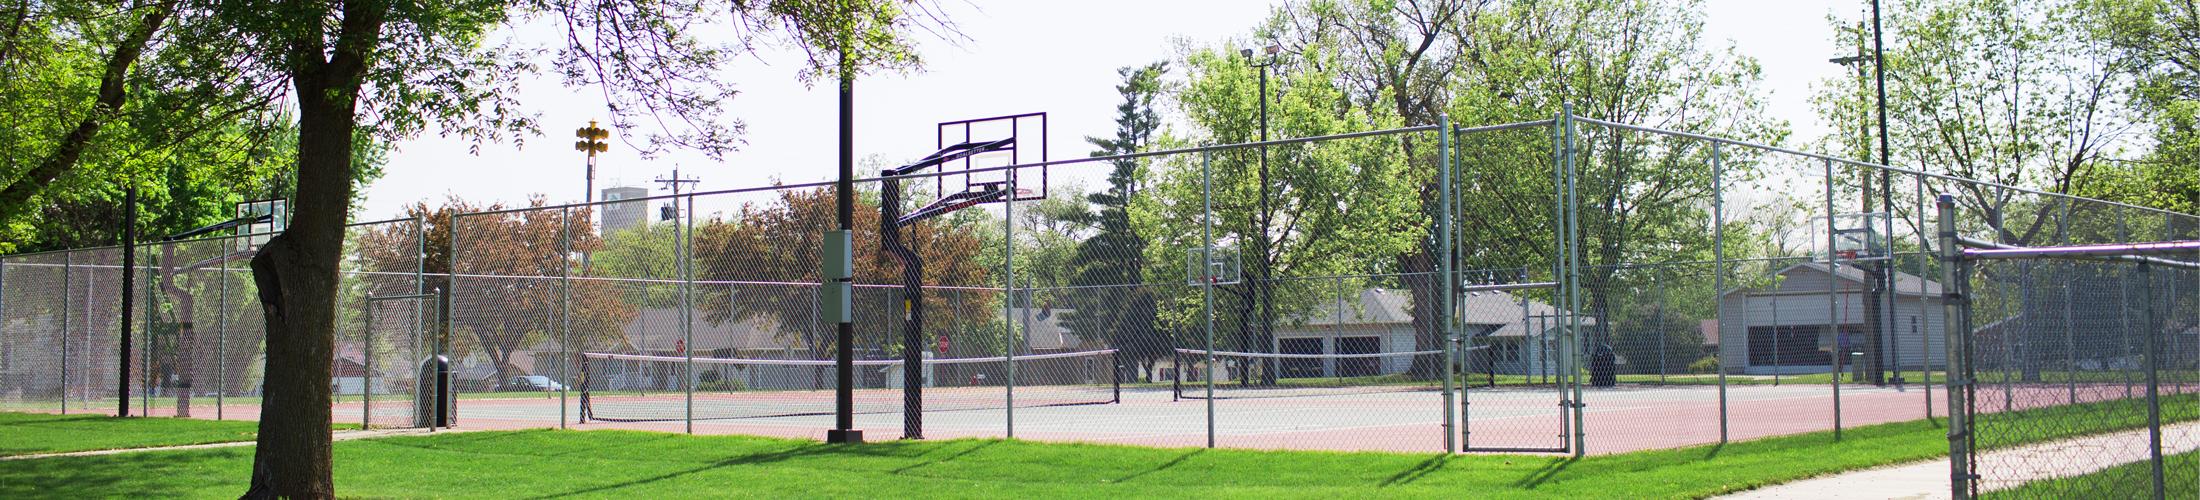 frame_home-slider_east-side-park